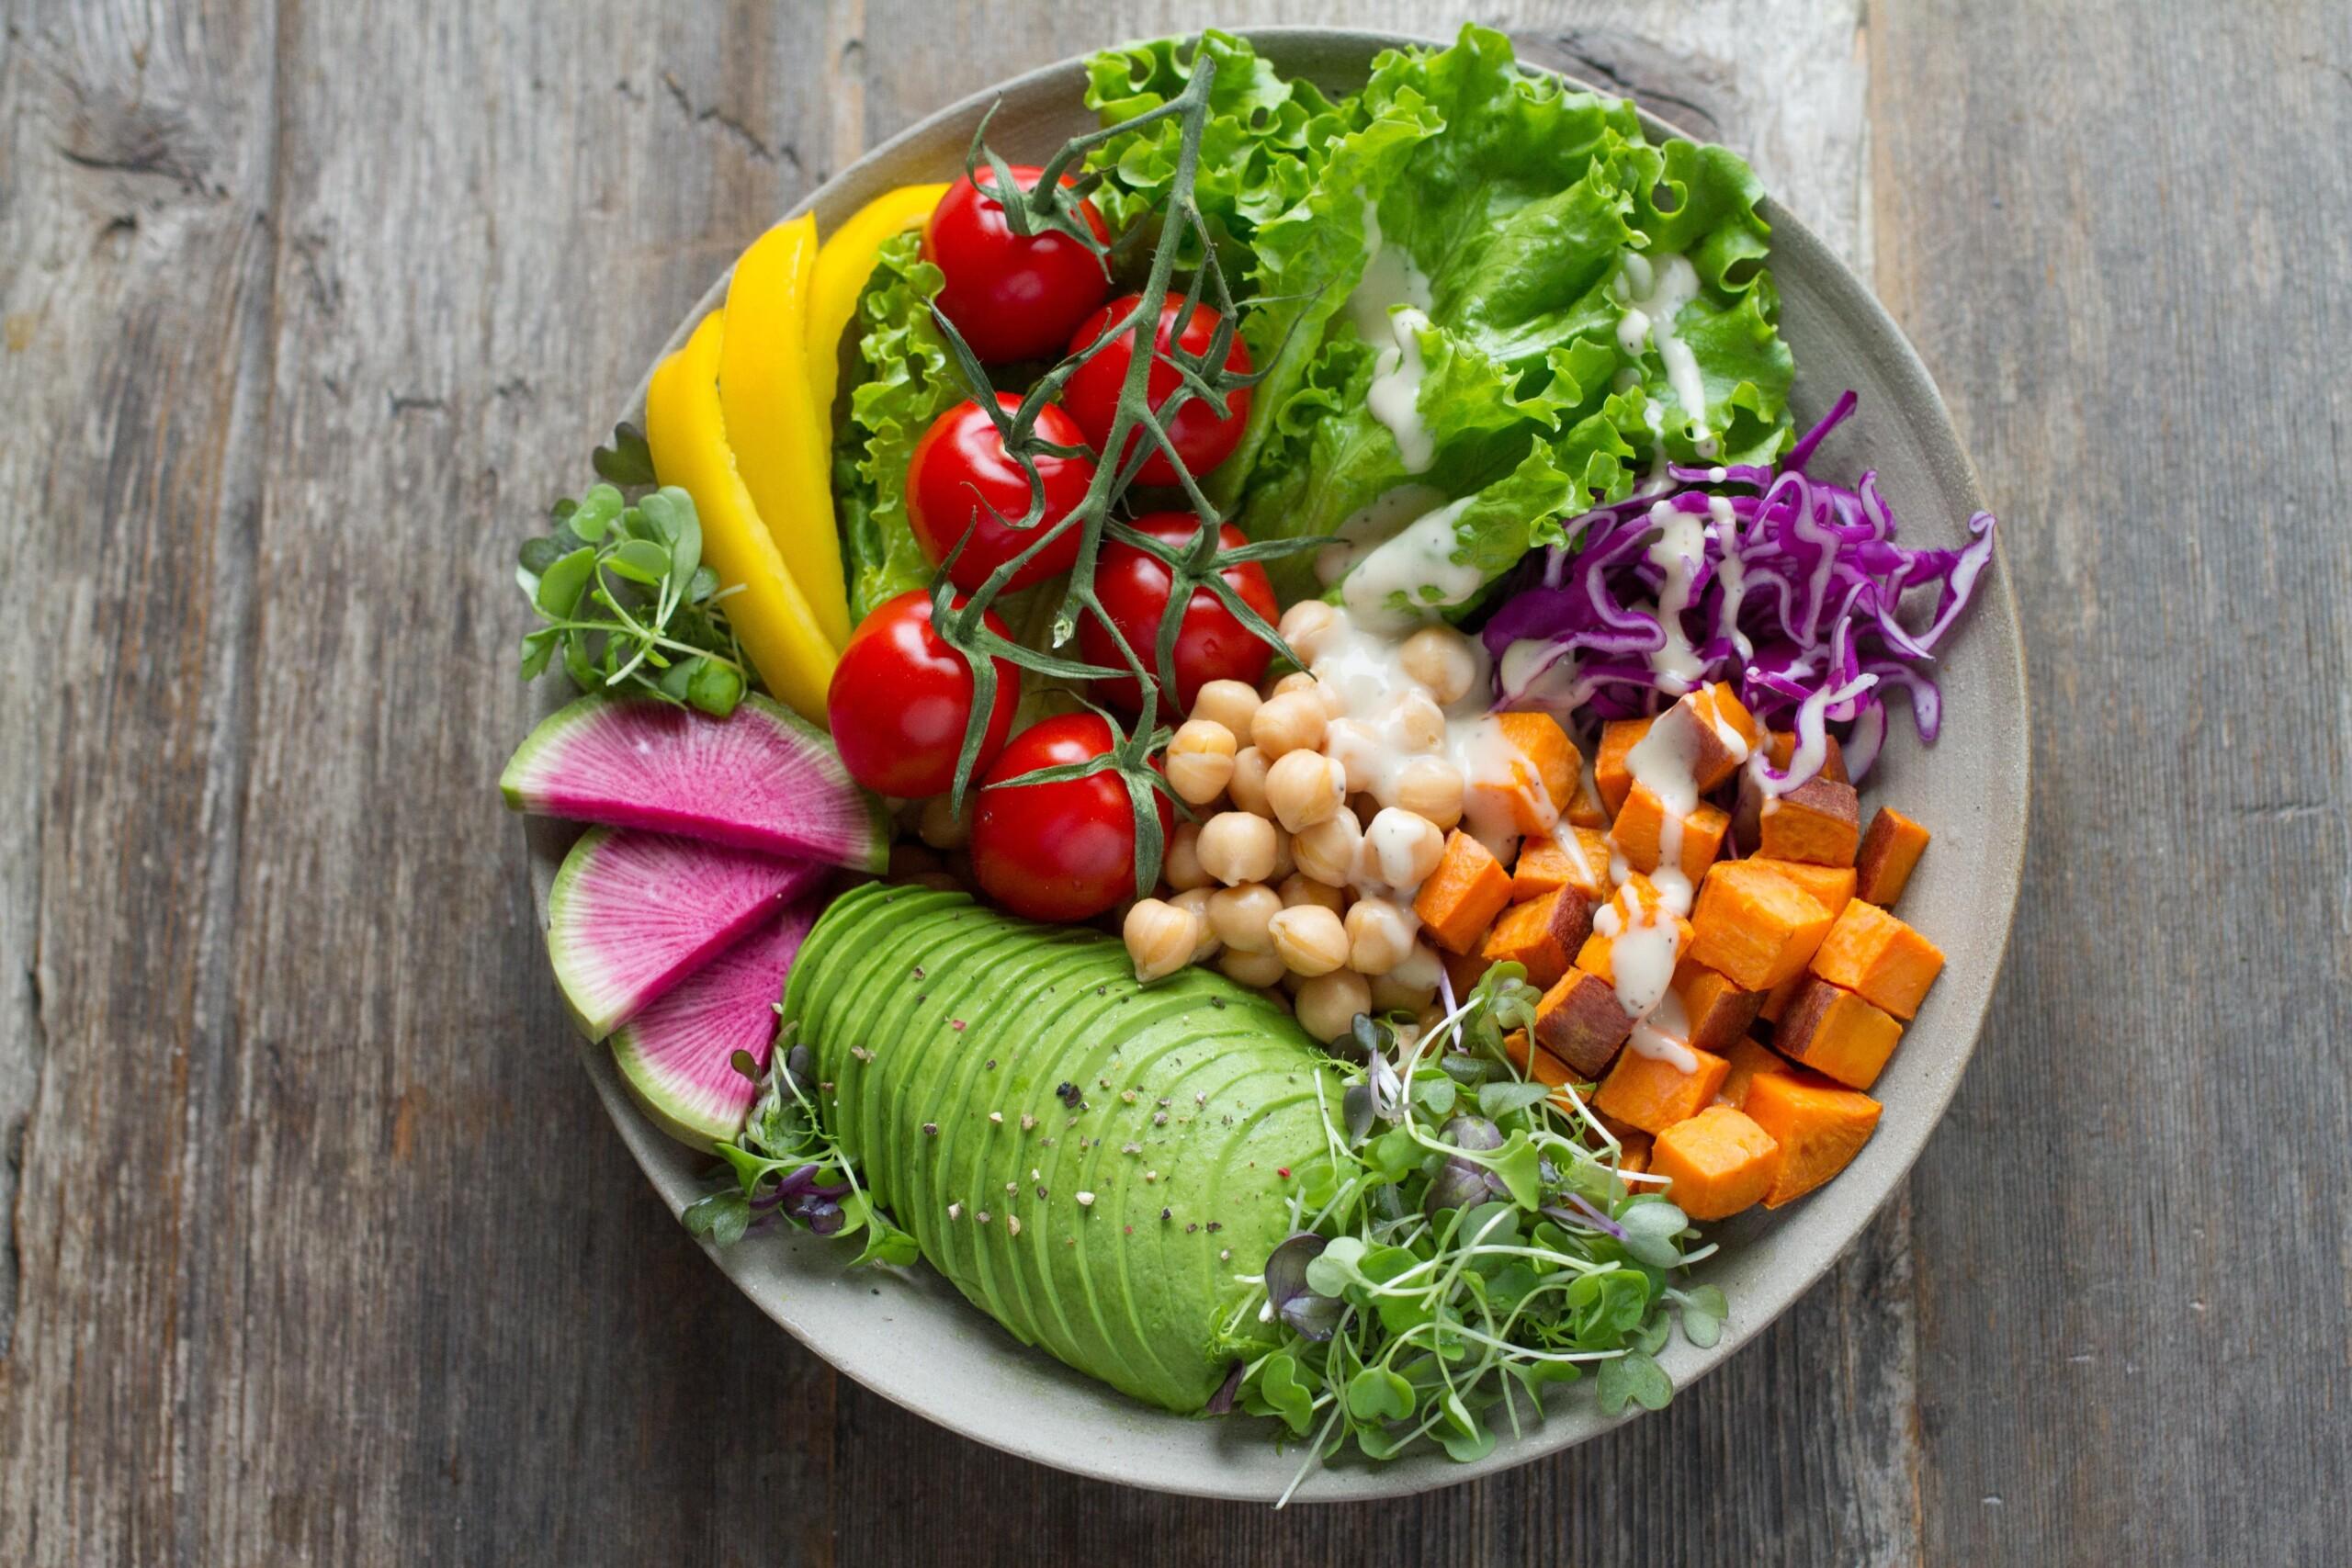 Sich vegetarisch zu ernähren ist eine Entscheidung, die in den letzten Jahren immer mehr Menschen für sich getroffen haben